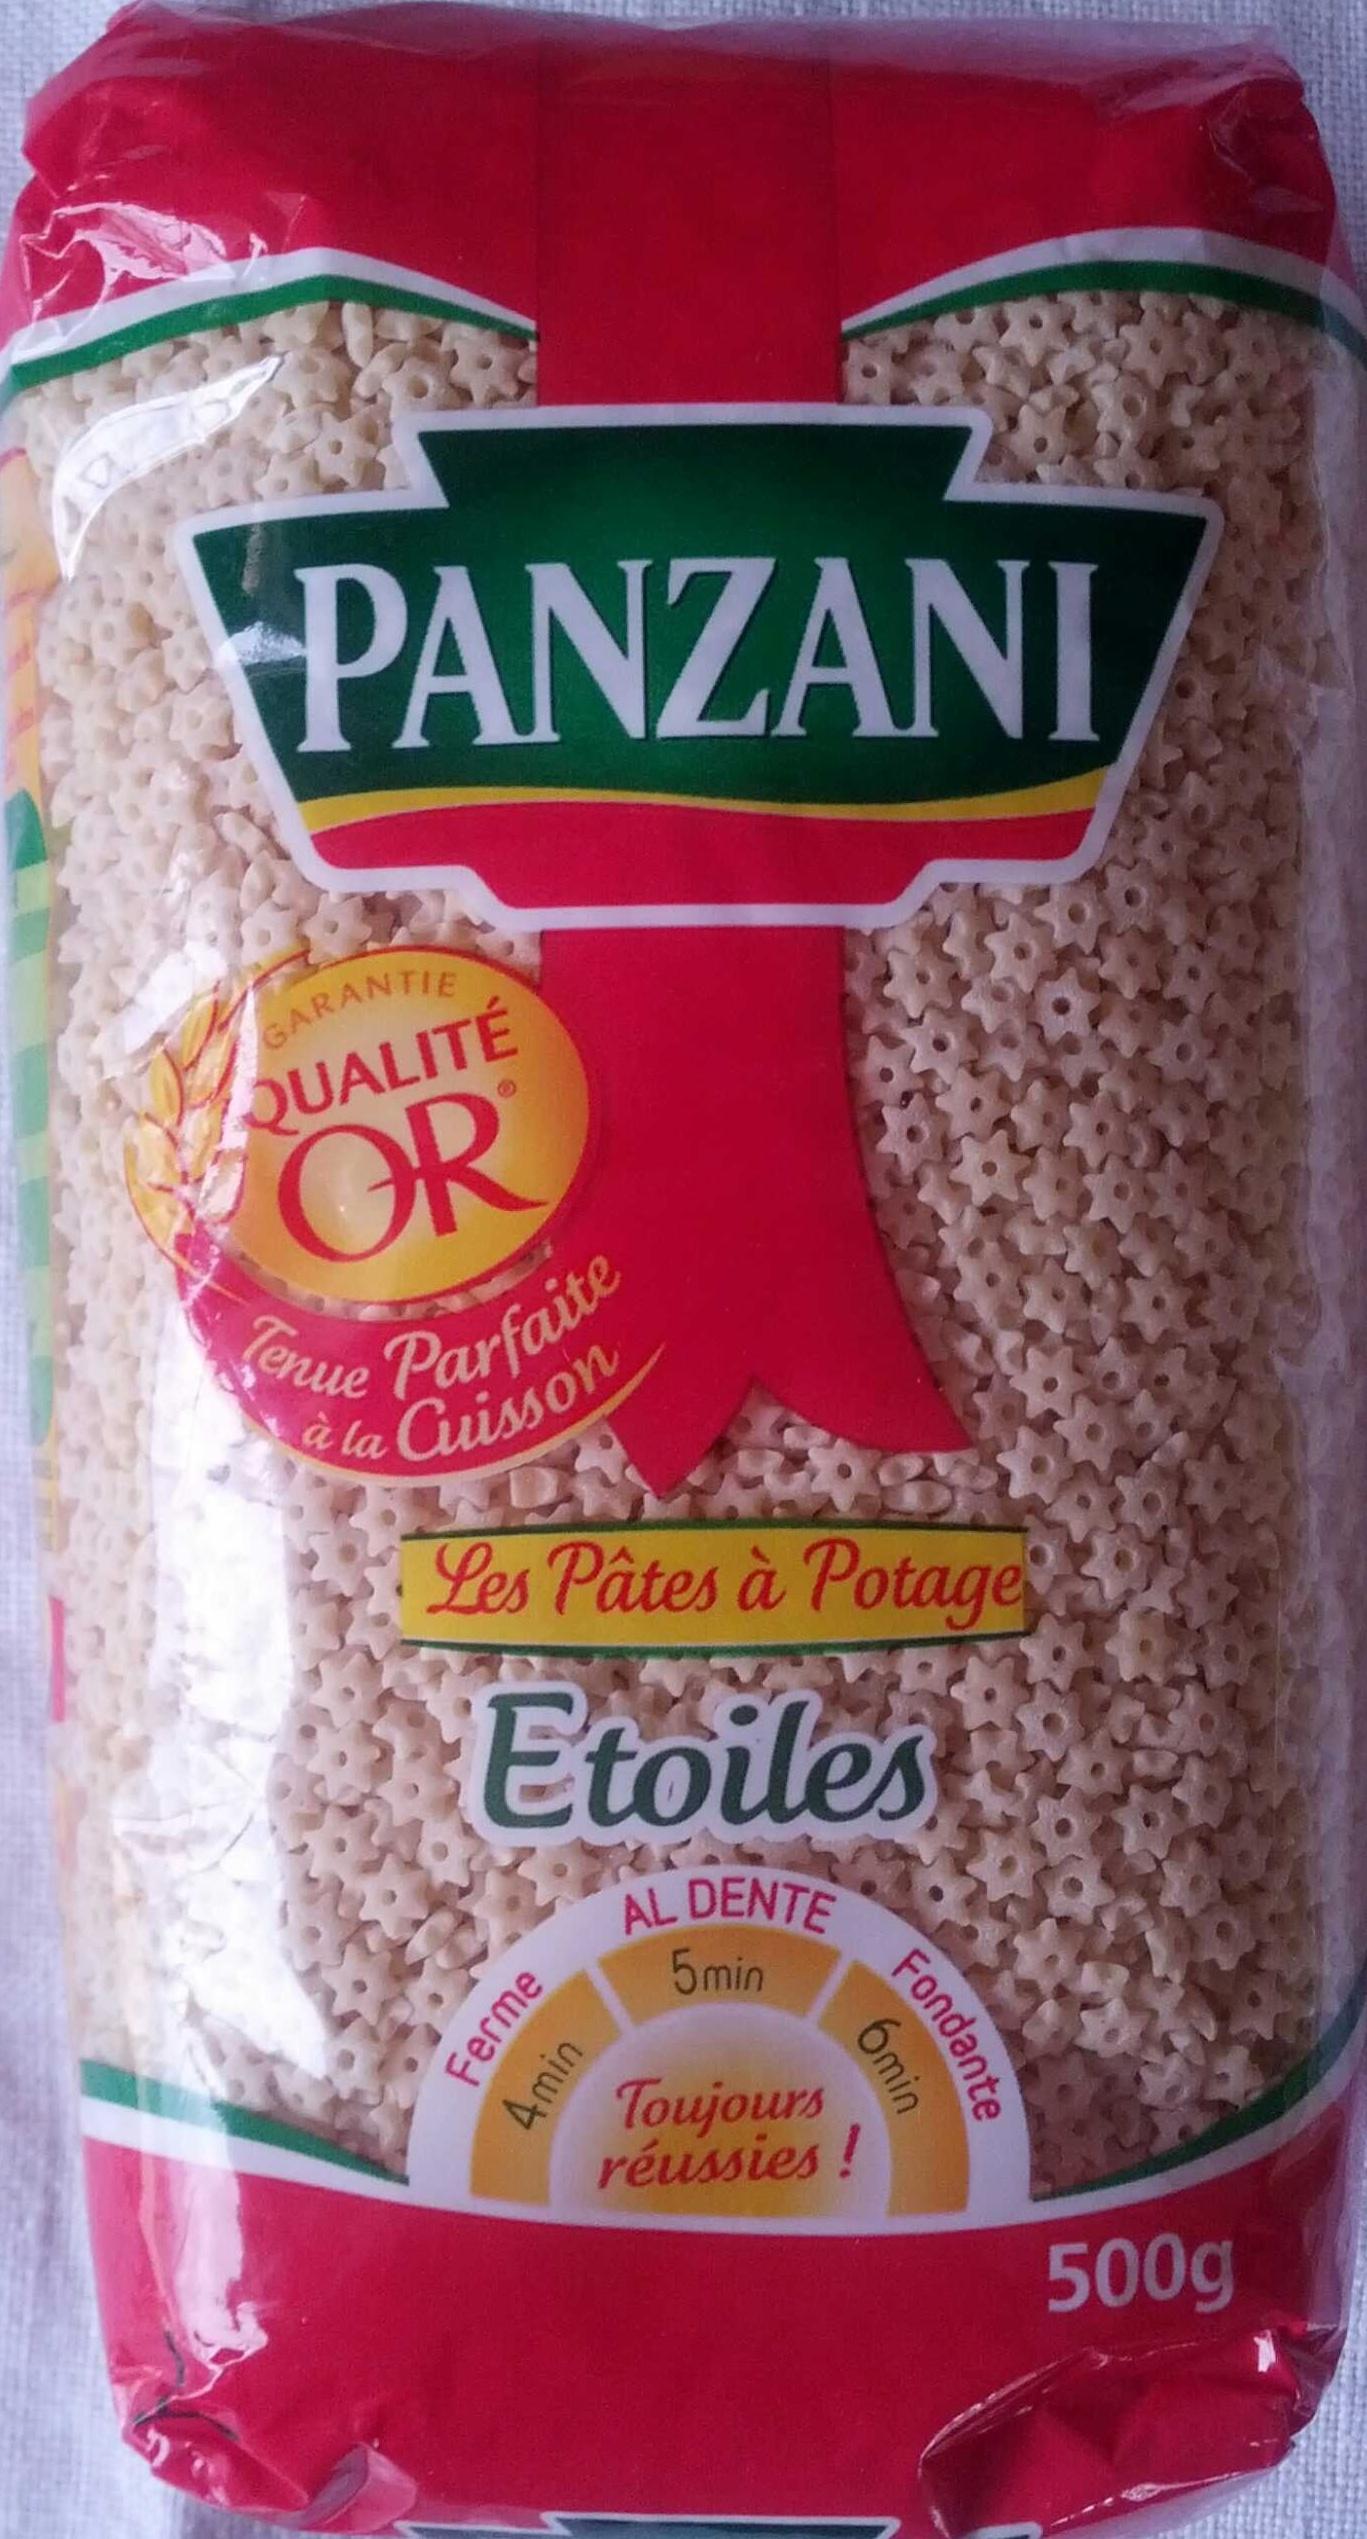 Etoiles (Les Pâtes à Potage) - Product